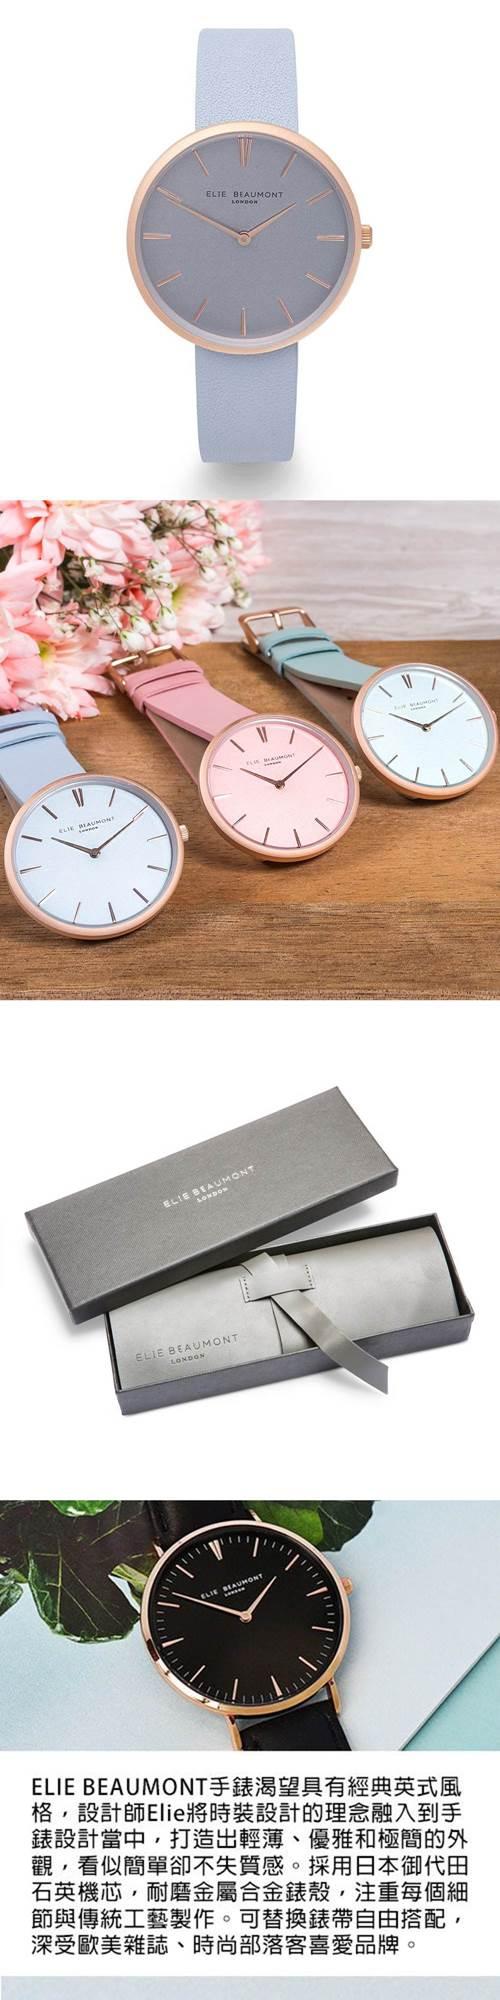 (複製)Elie Beaumont 英國時尚手錶 HOXTON系列 灰錶盤錶帶x玫瑰金錶框38mm